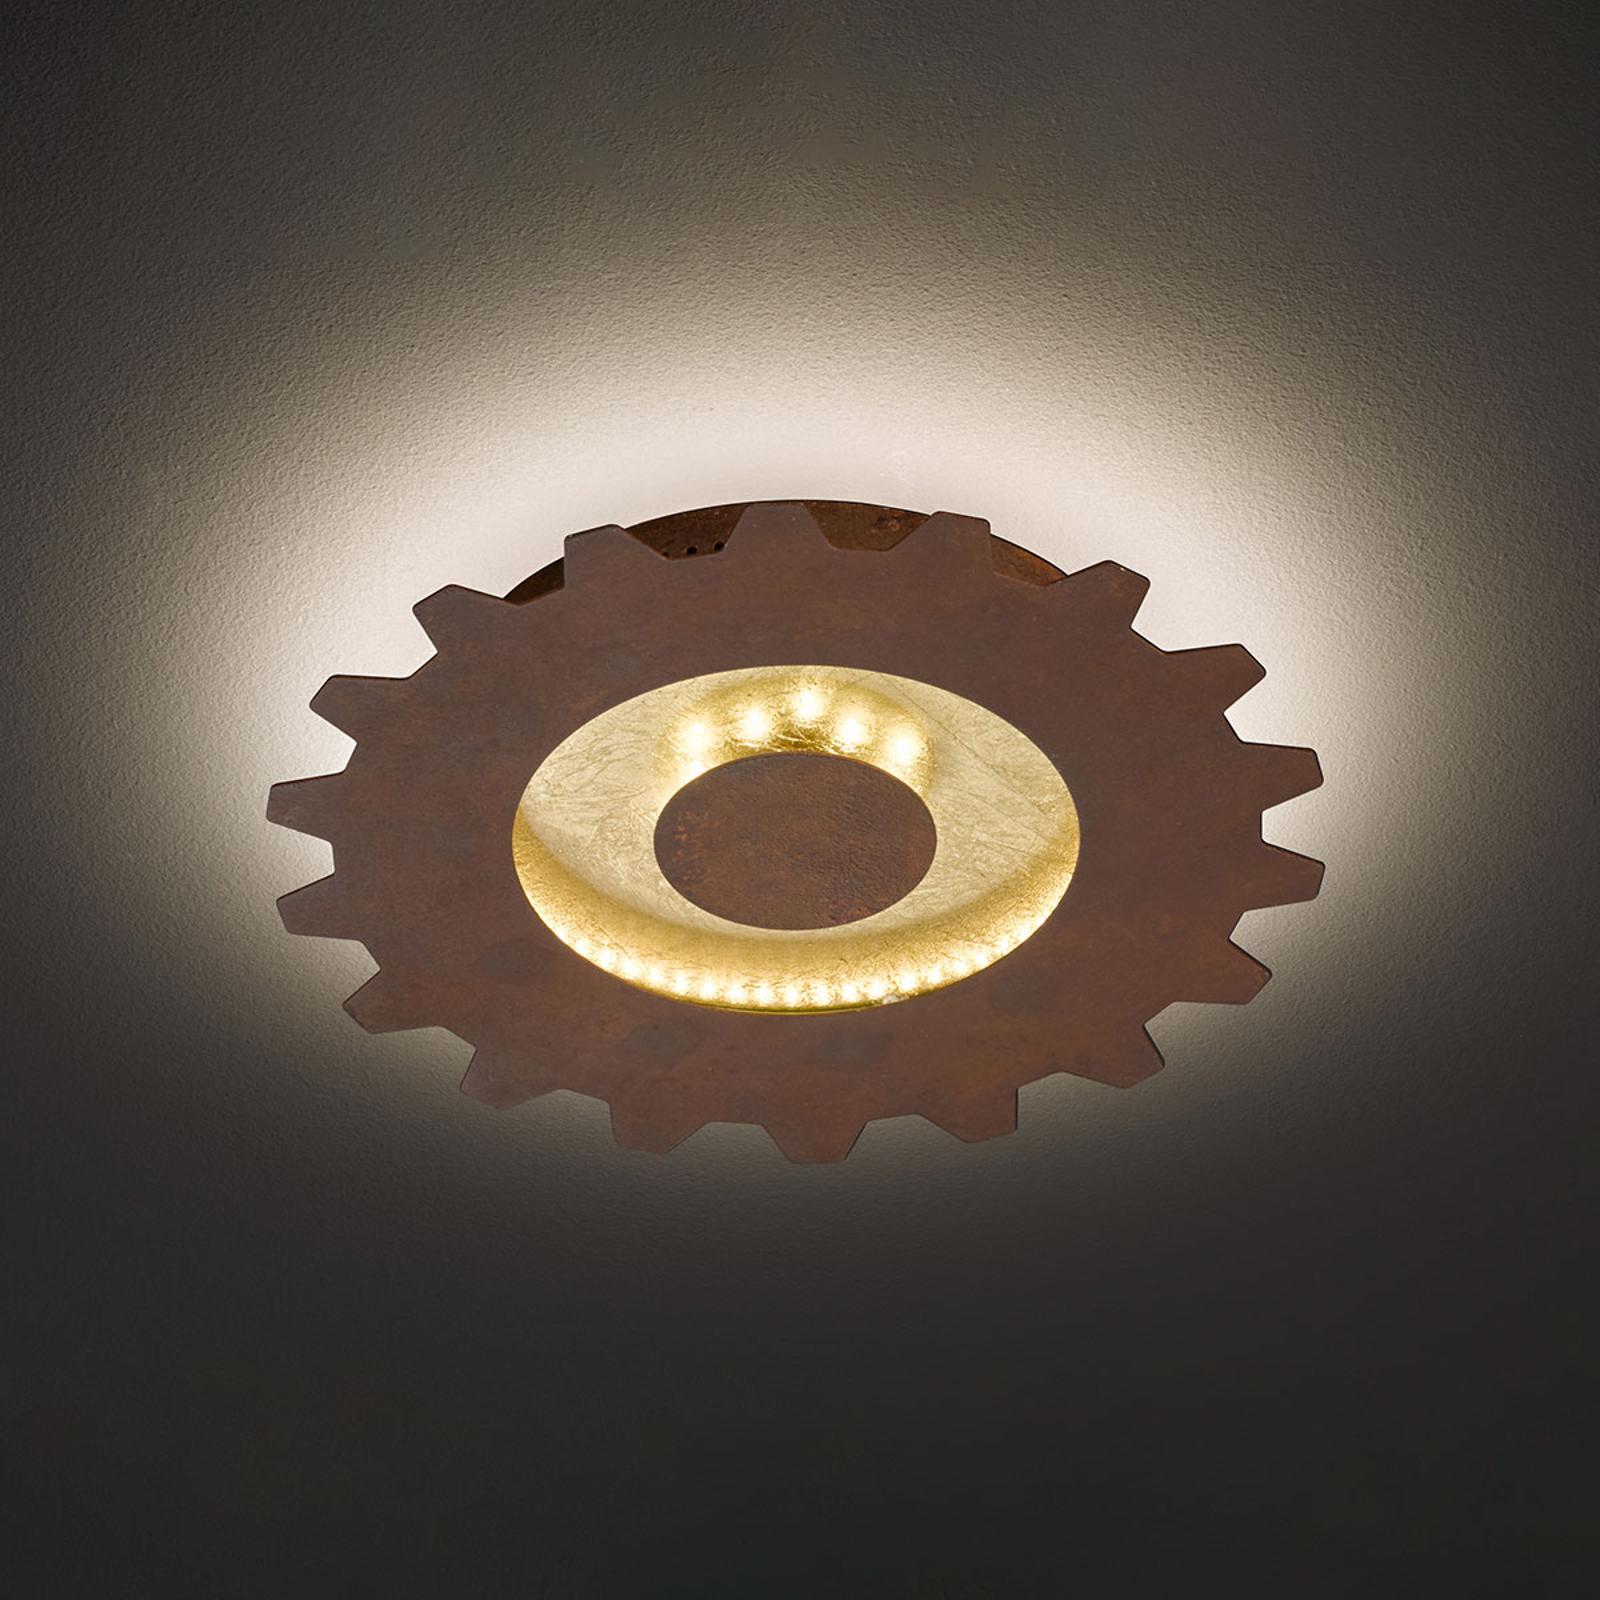 LED-kattovalaisin Leif, hammaspyörä, Ø 30 cm